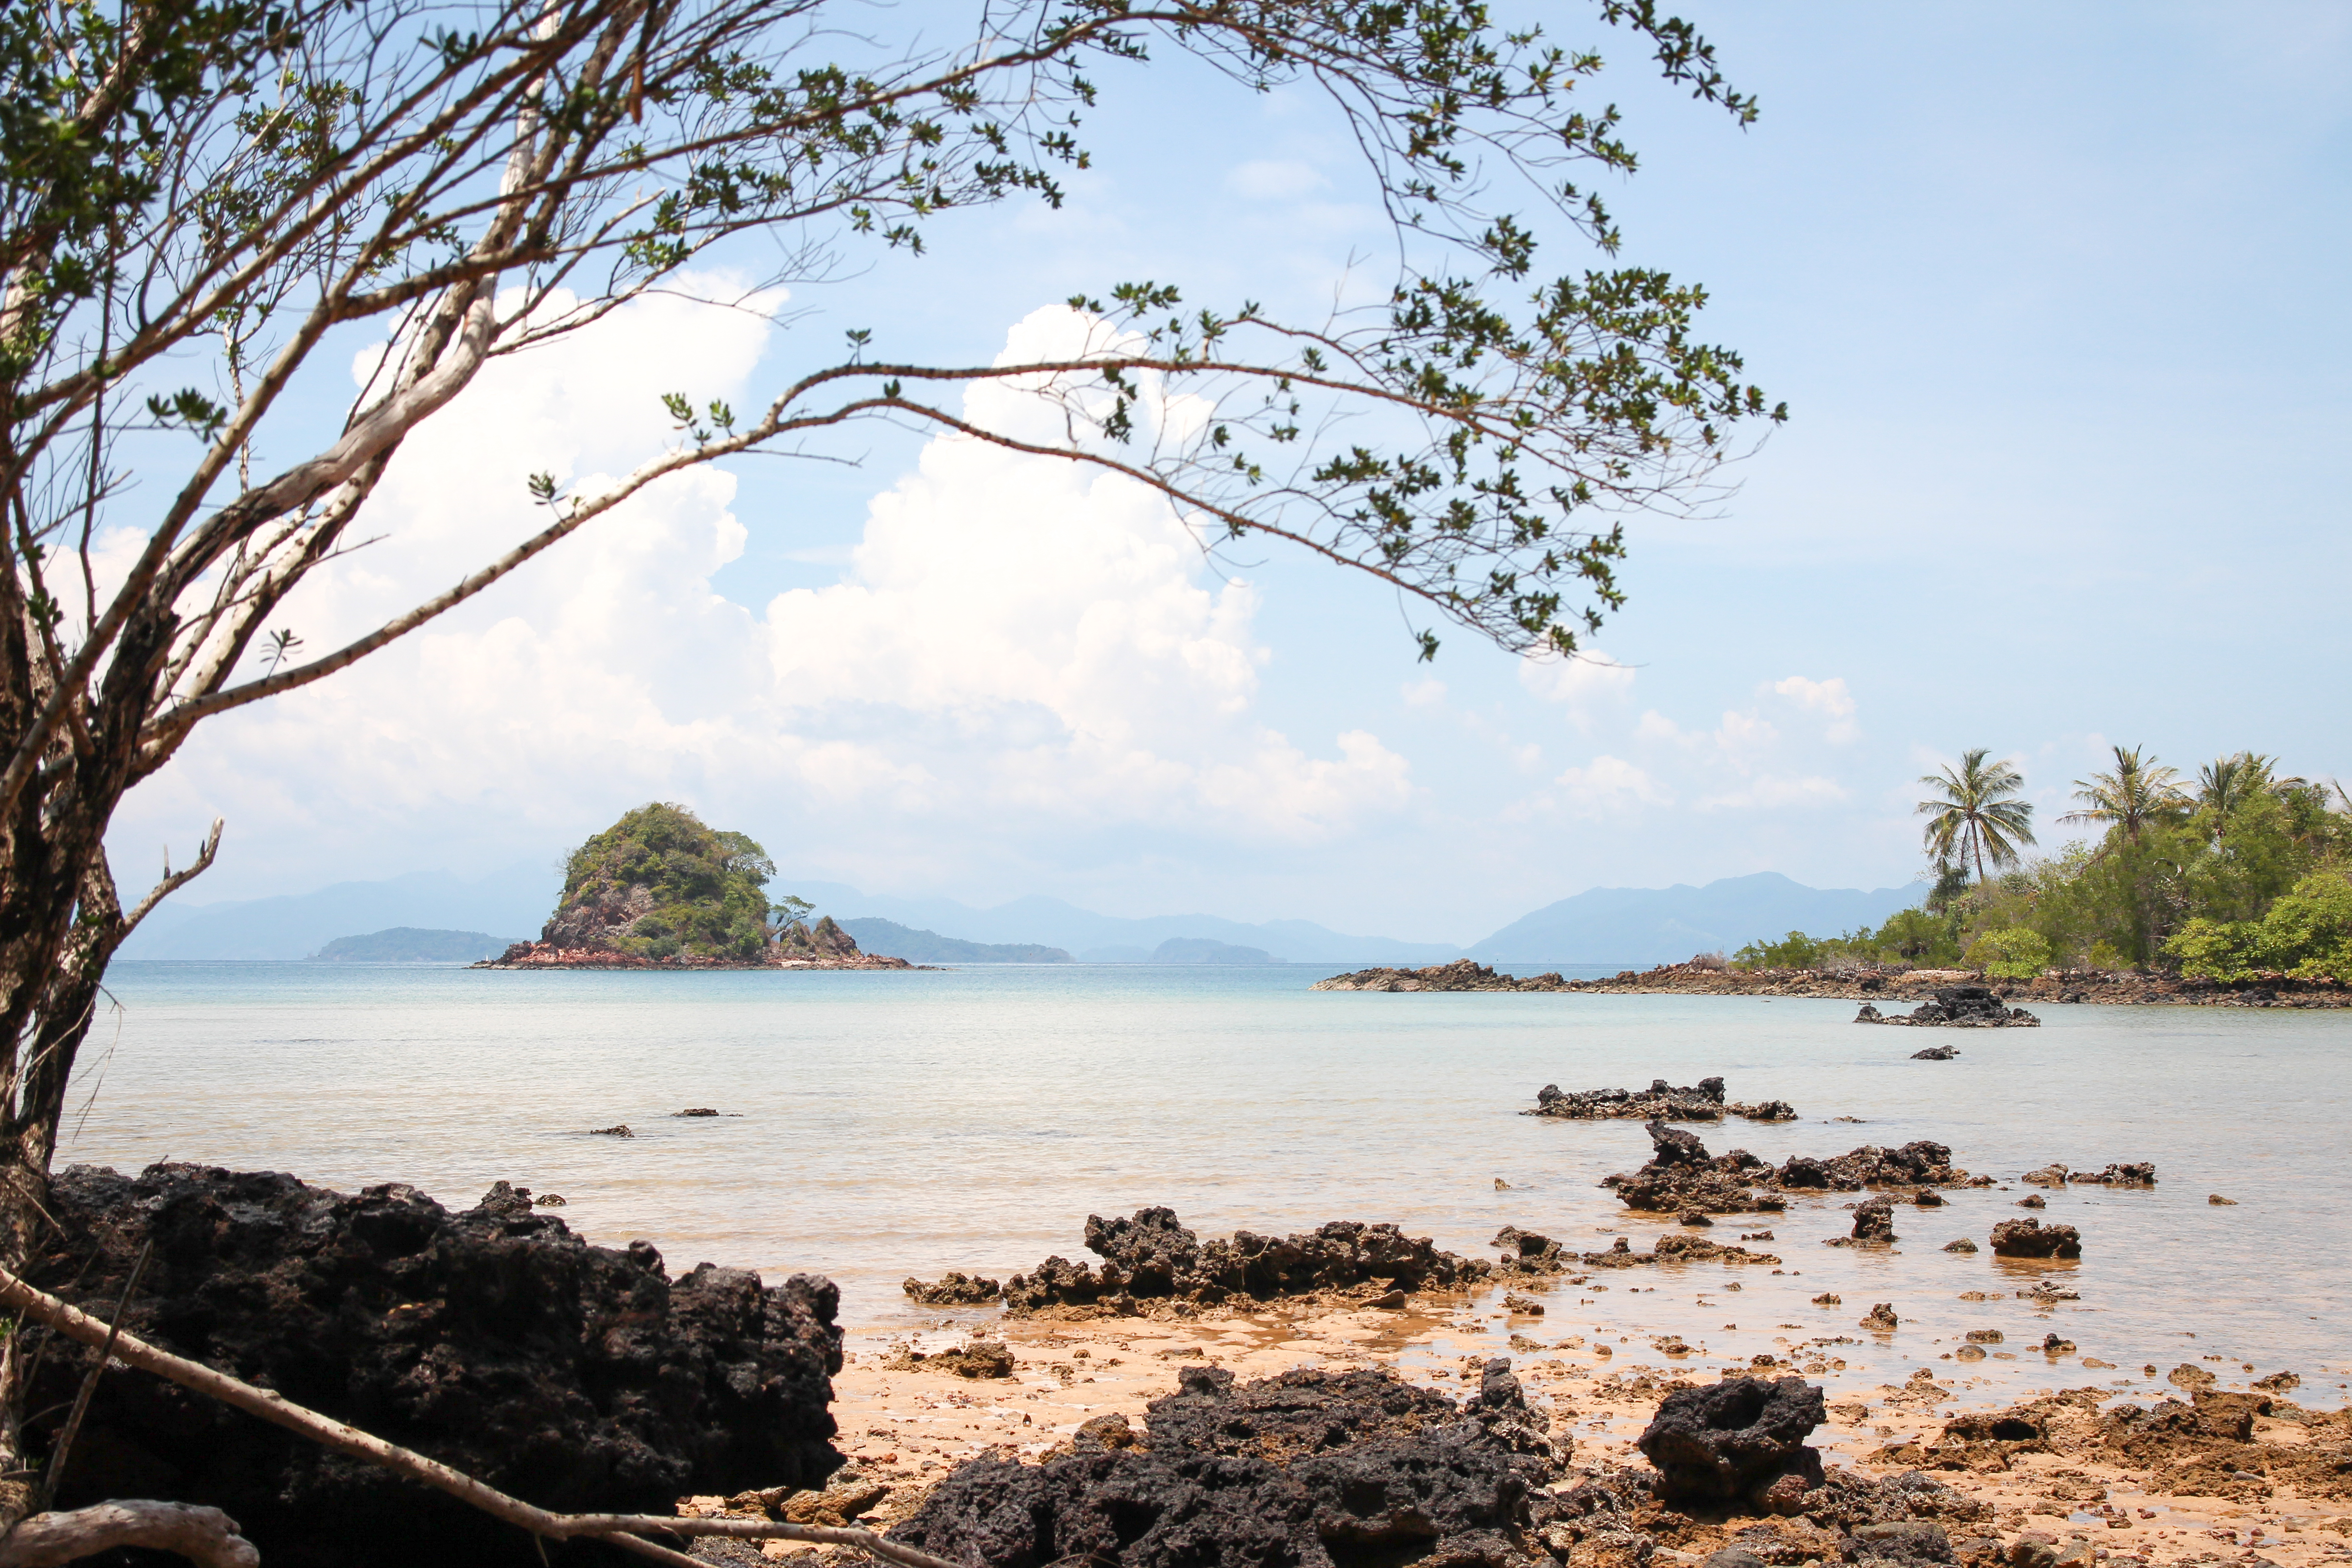 Koh Mak Backpacker Insidertipps - unentdeckte Strände